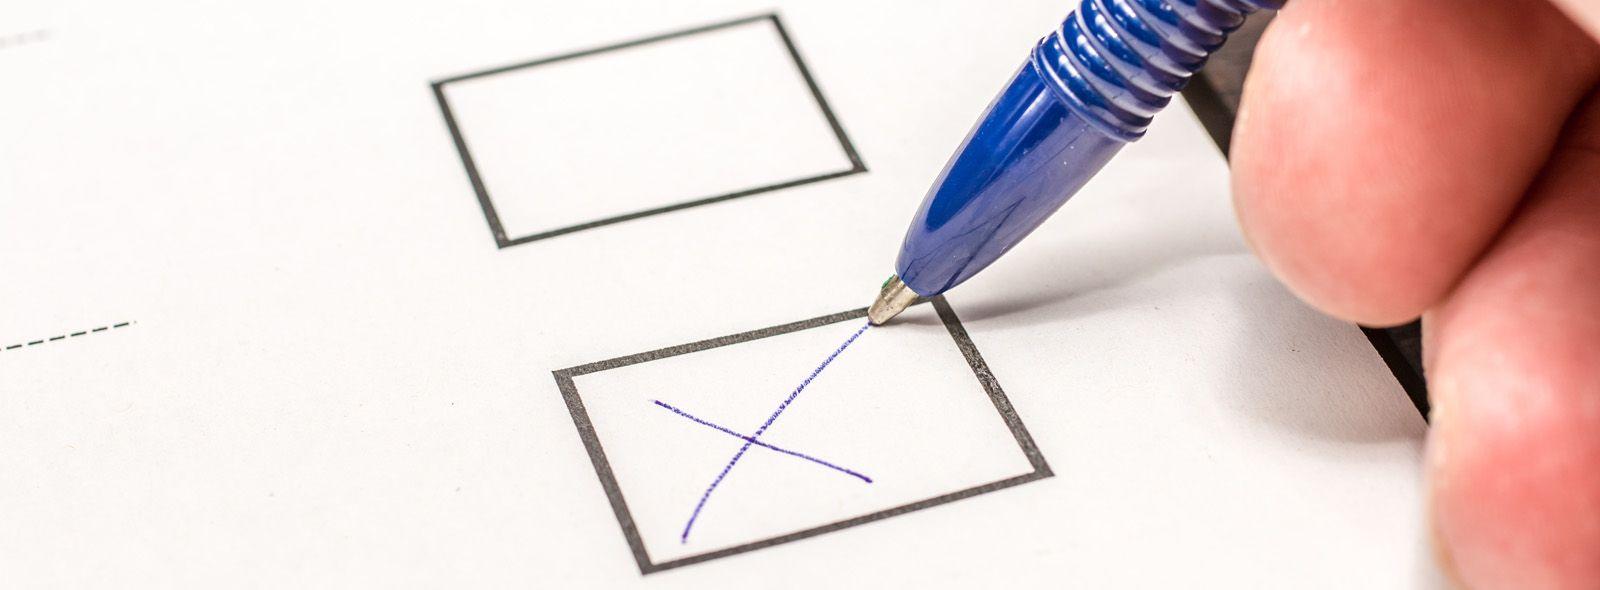 Legge elettorale Rosatellum: cosa cambia